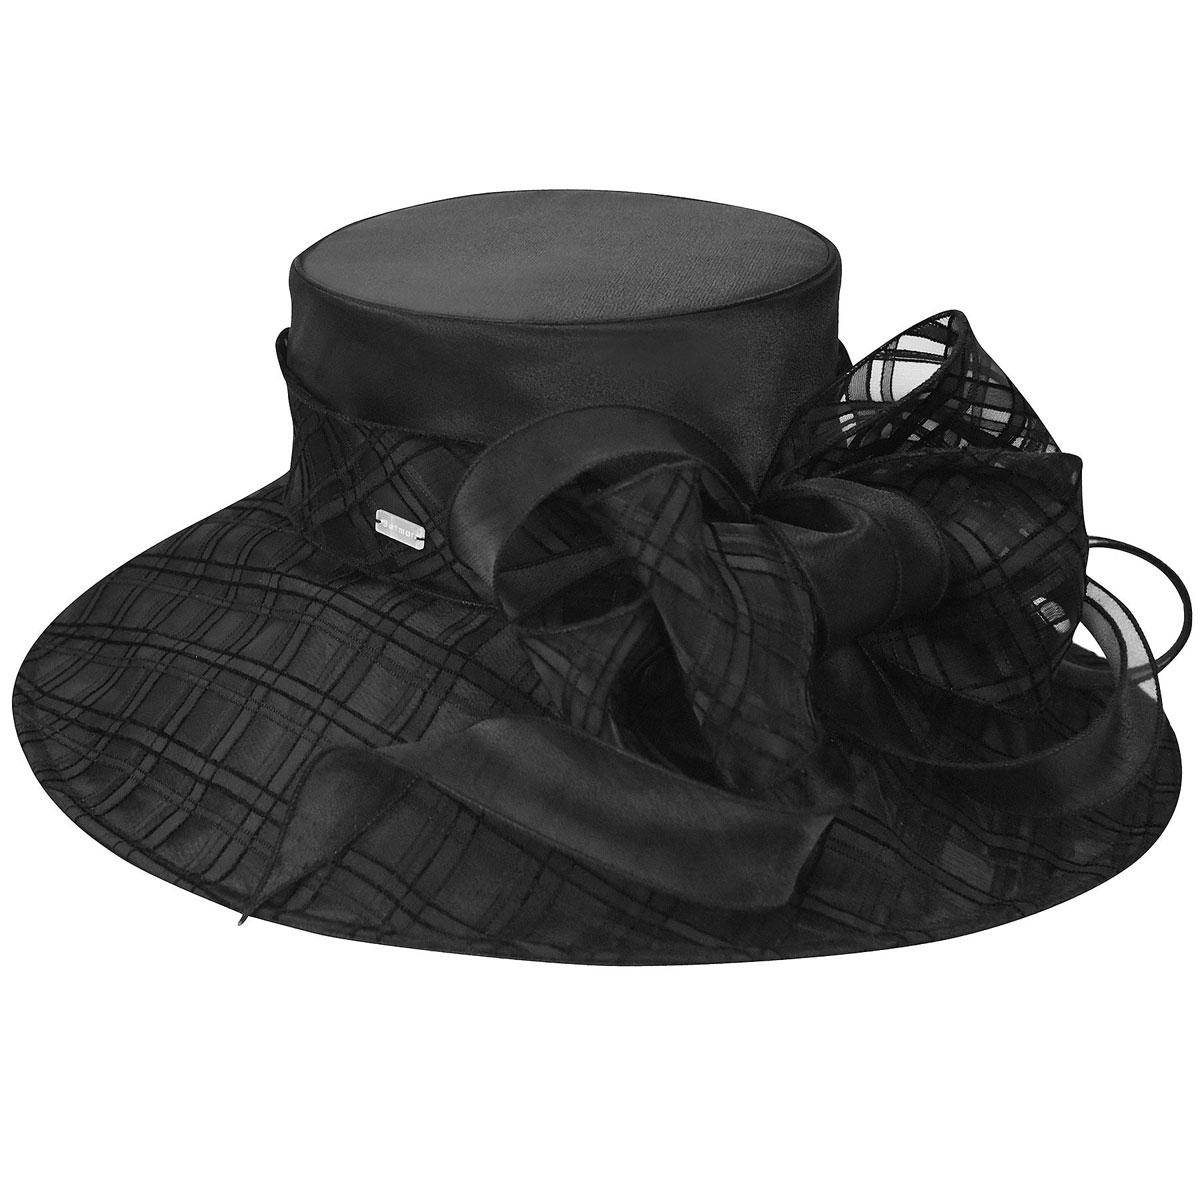 Betmar Odette Wide Brim Occasion Hat in Black